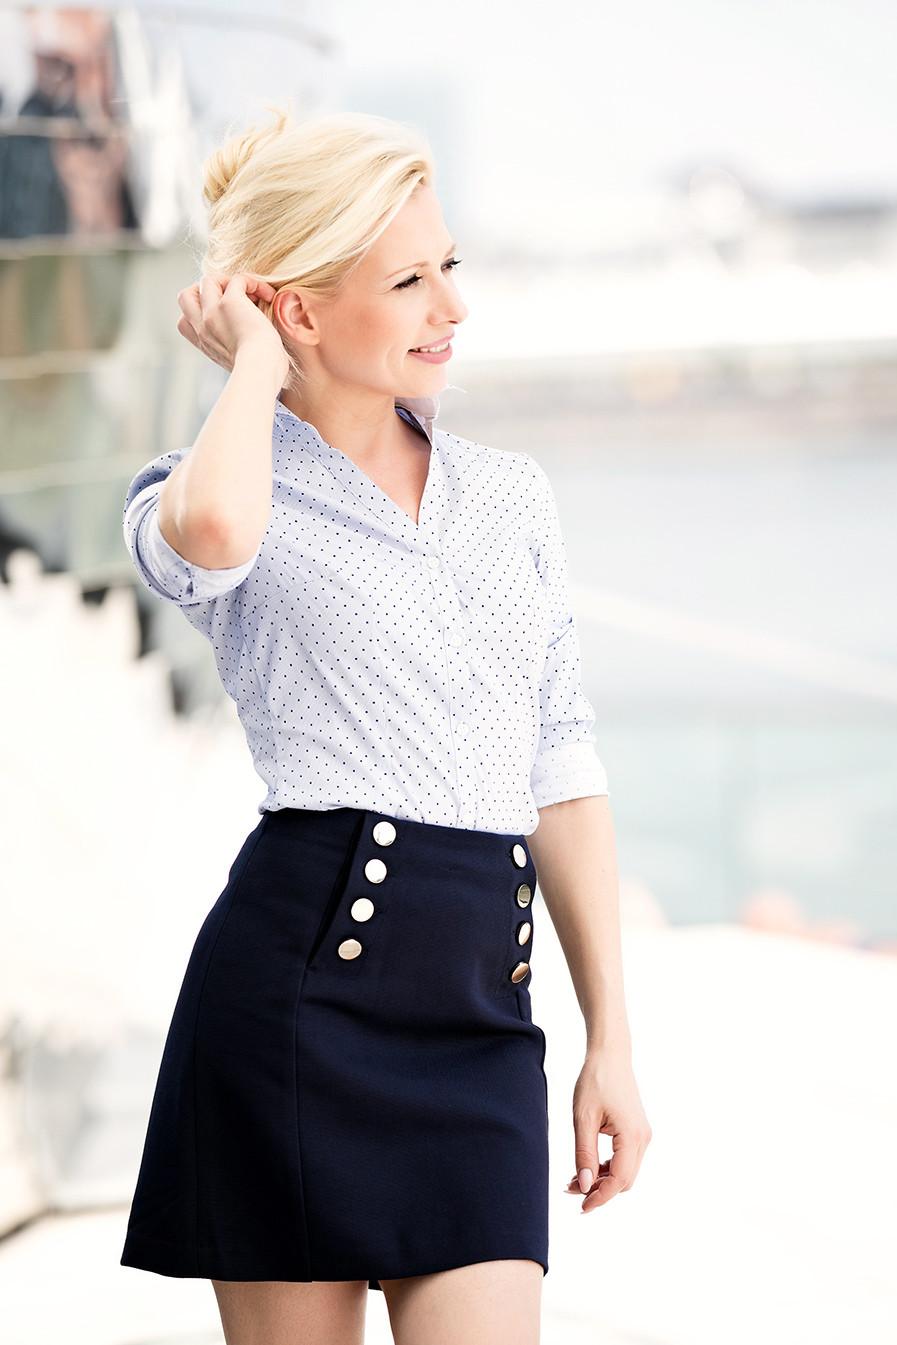 Businesslook gesteckte Haare, blondes Model mit kurzem Rock und Bluse